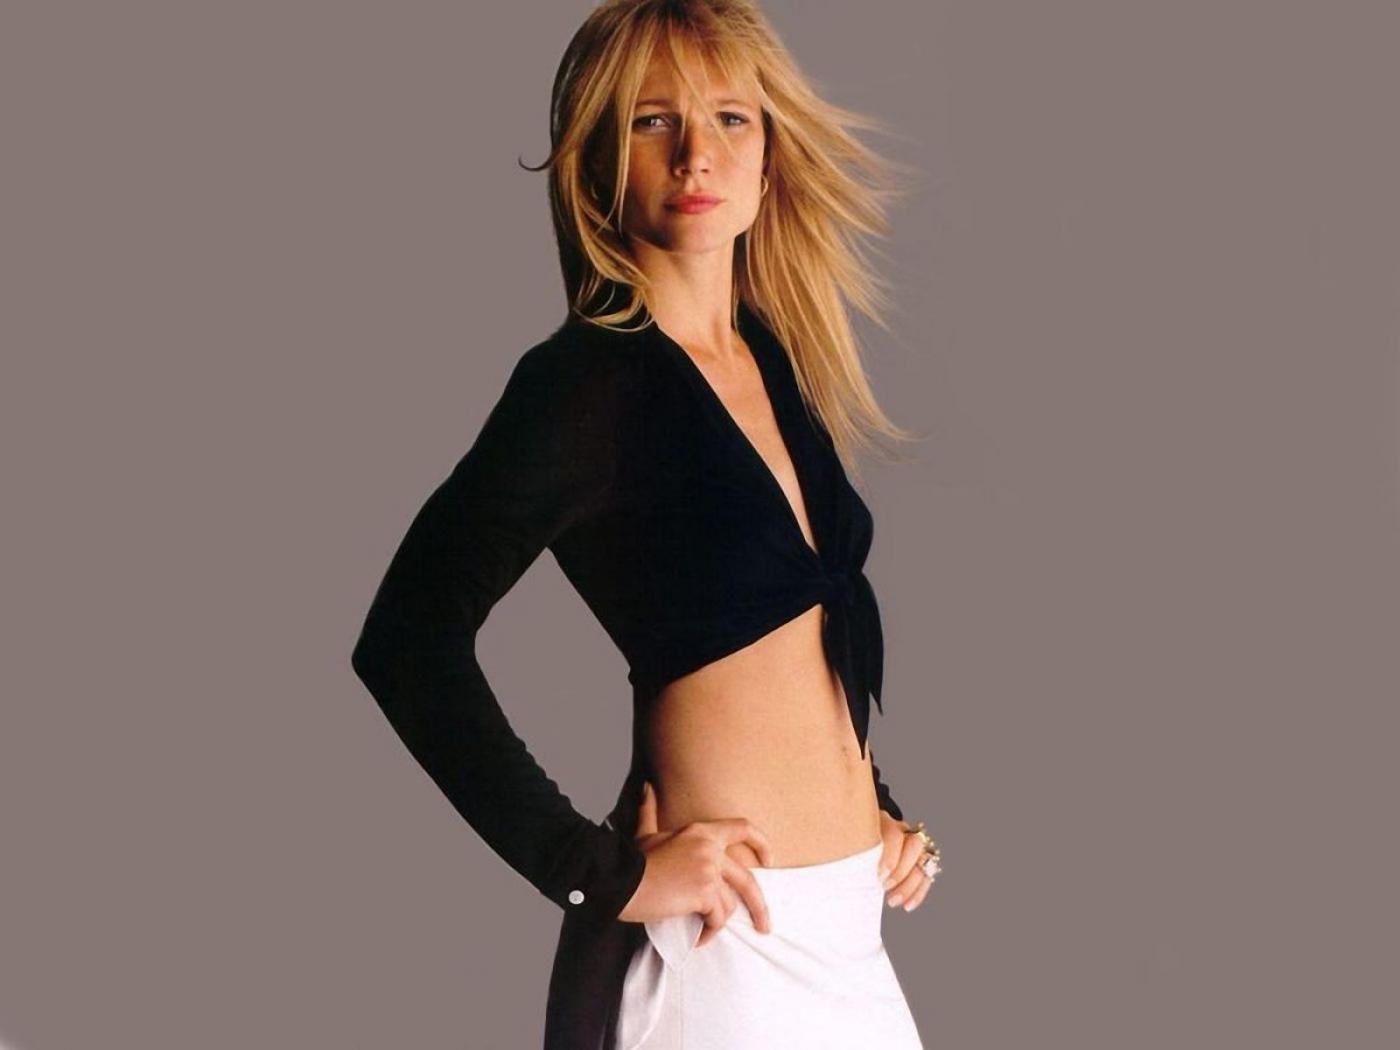 Gwyneth Paltrow Background